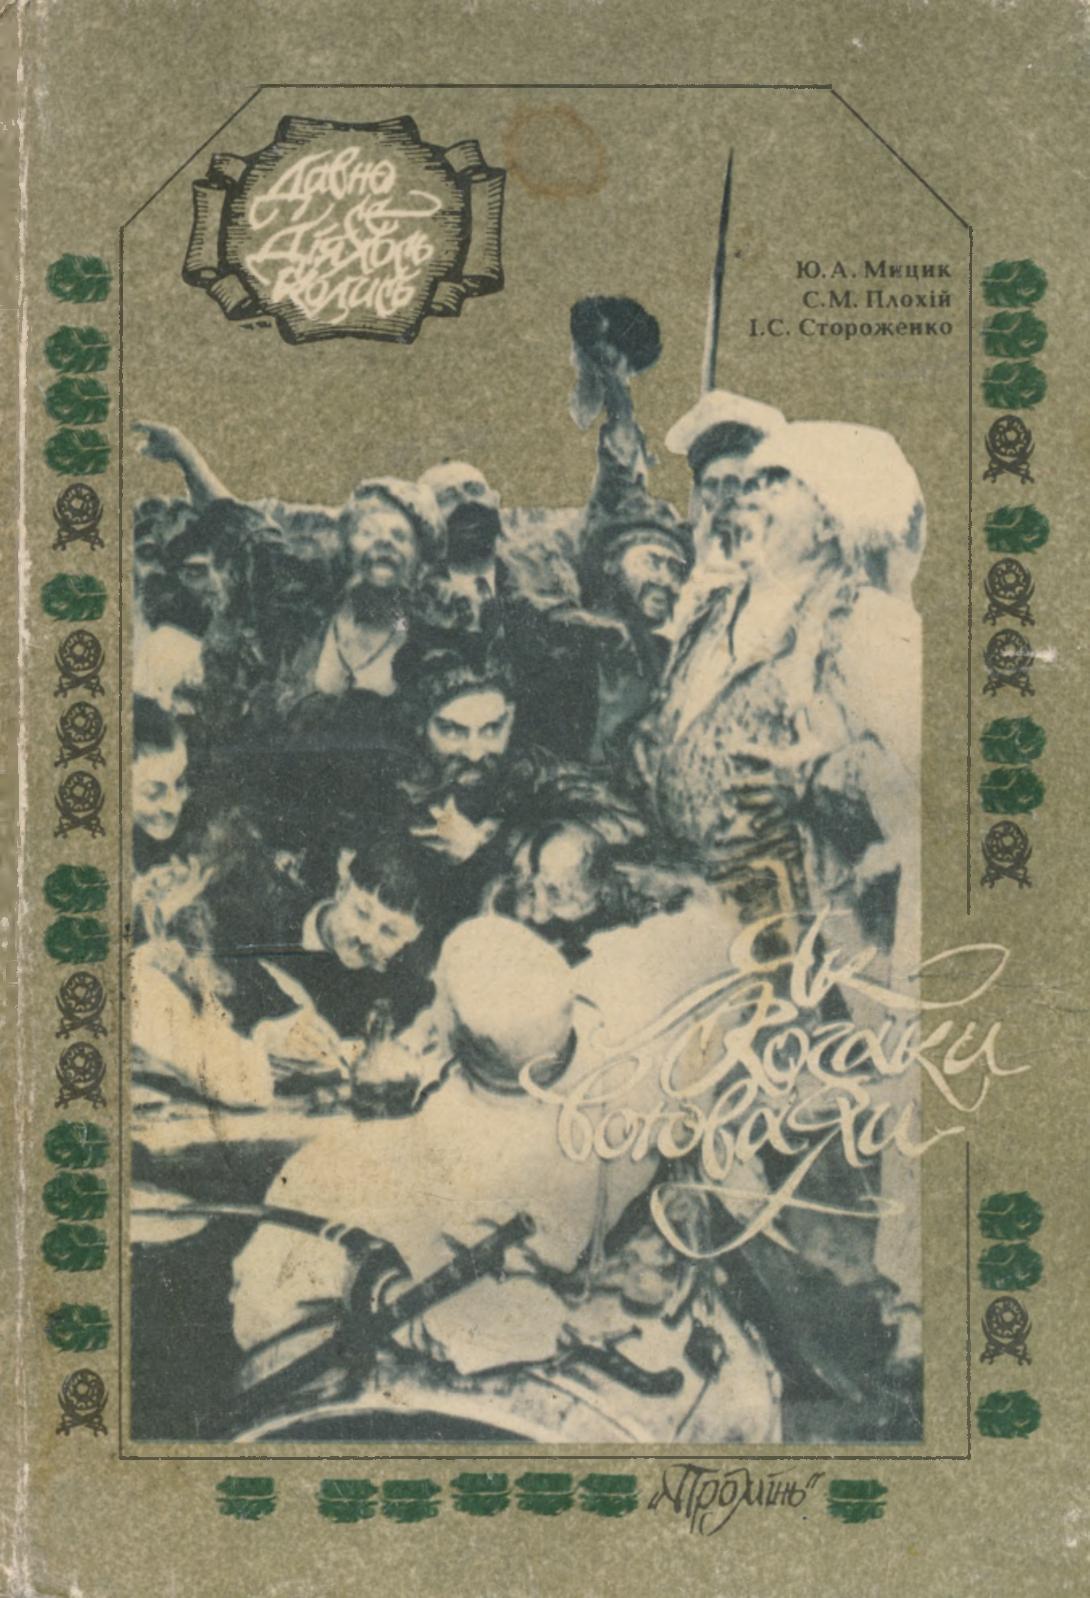 Calaméo - Мицик Ю. Як козаки воювали  Історичні розповіді про за порізьких  козаків 8c5c8bd812e82